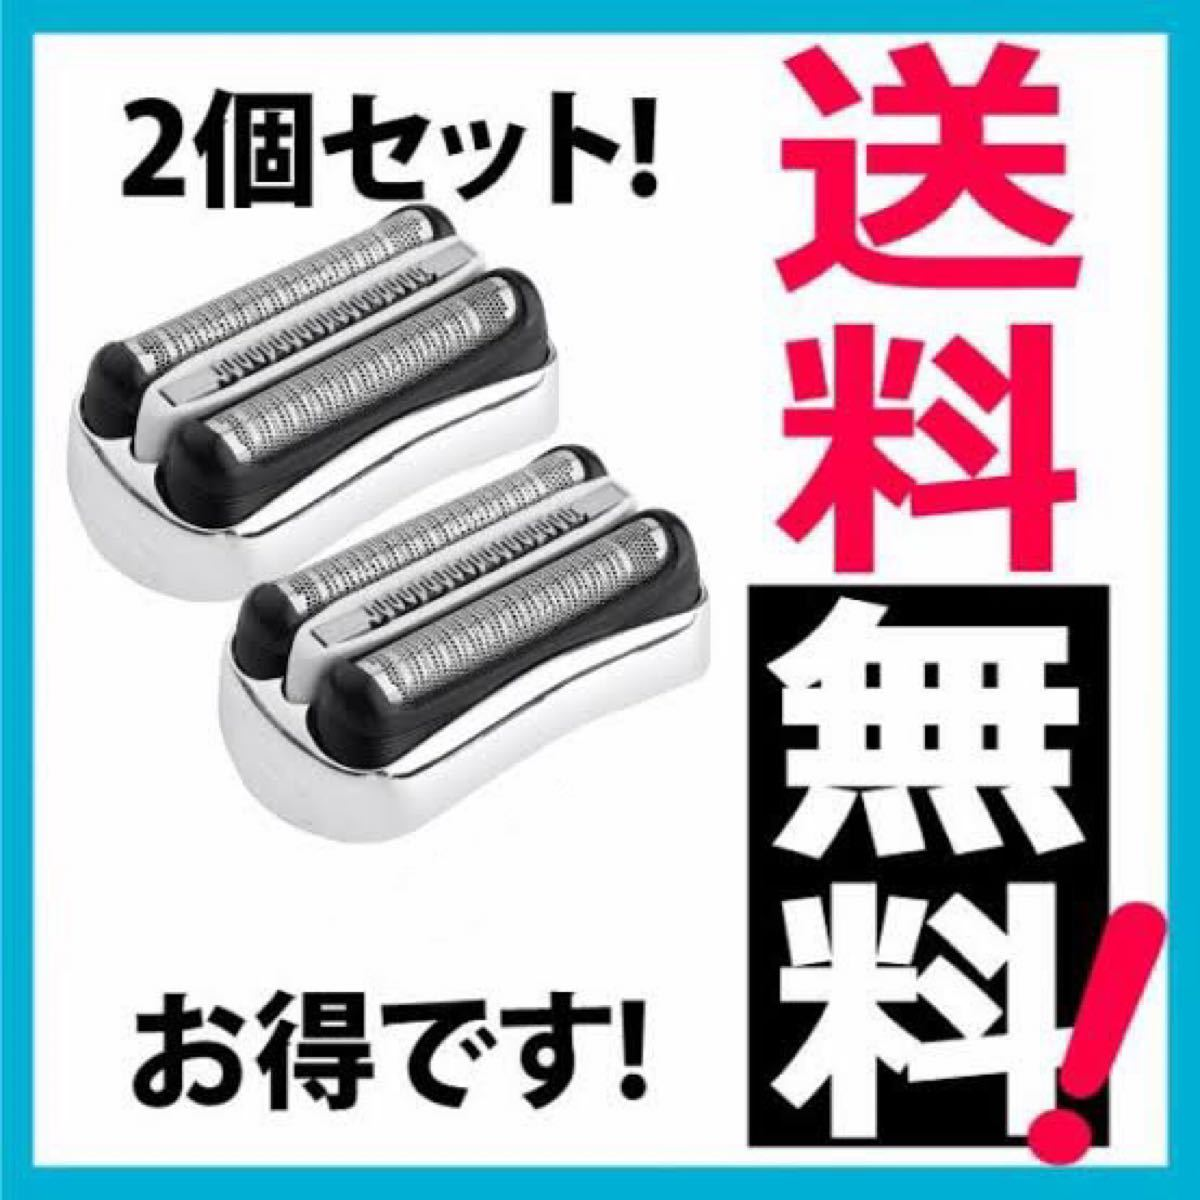 ブラウン シェーバー シリーズ3網刃・内刃一体型カセット32S 互換品 2個